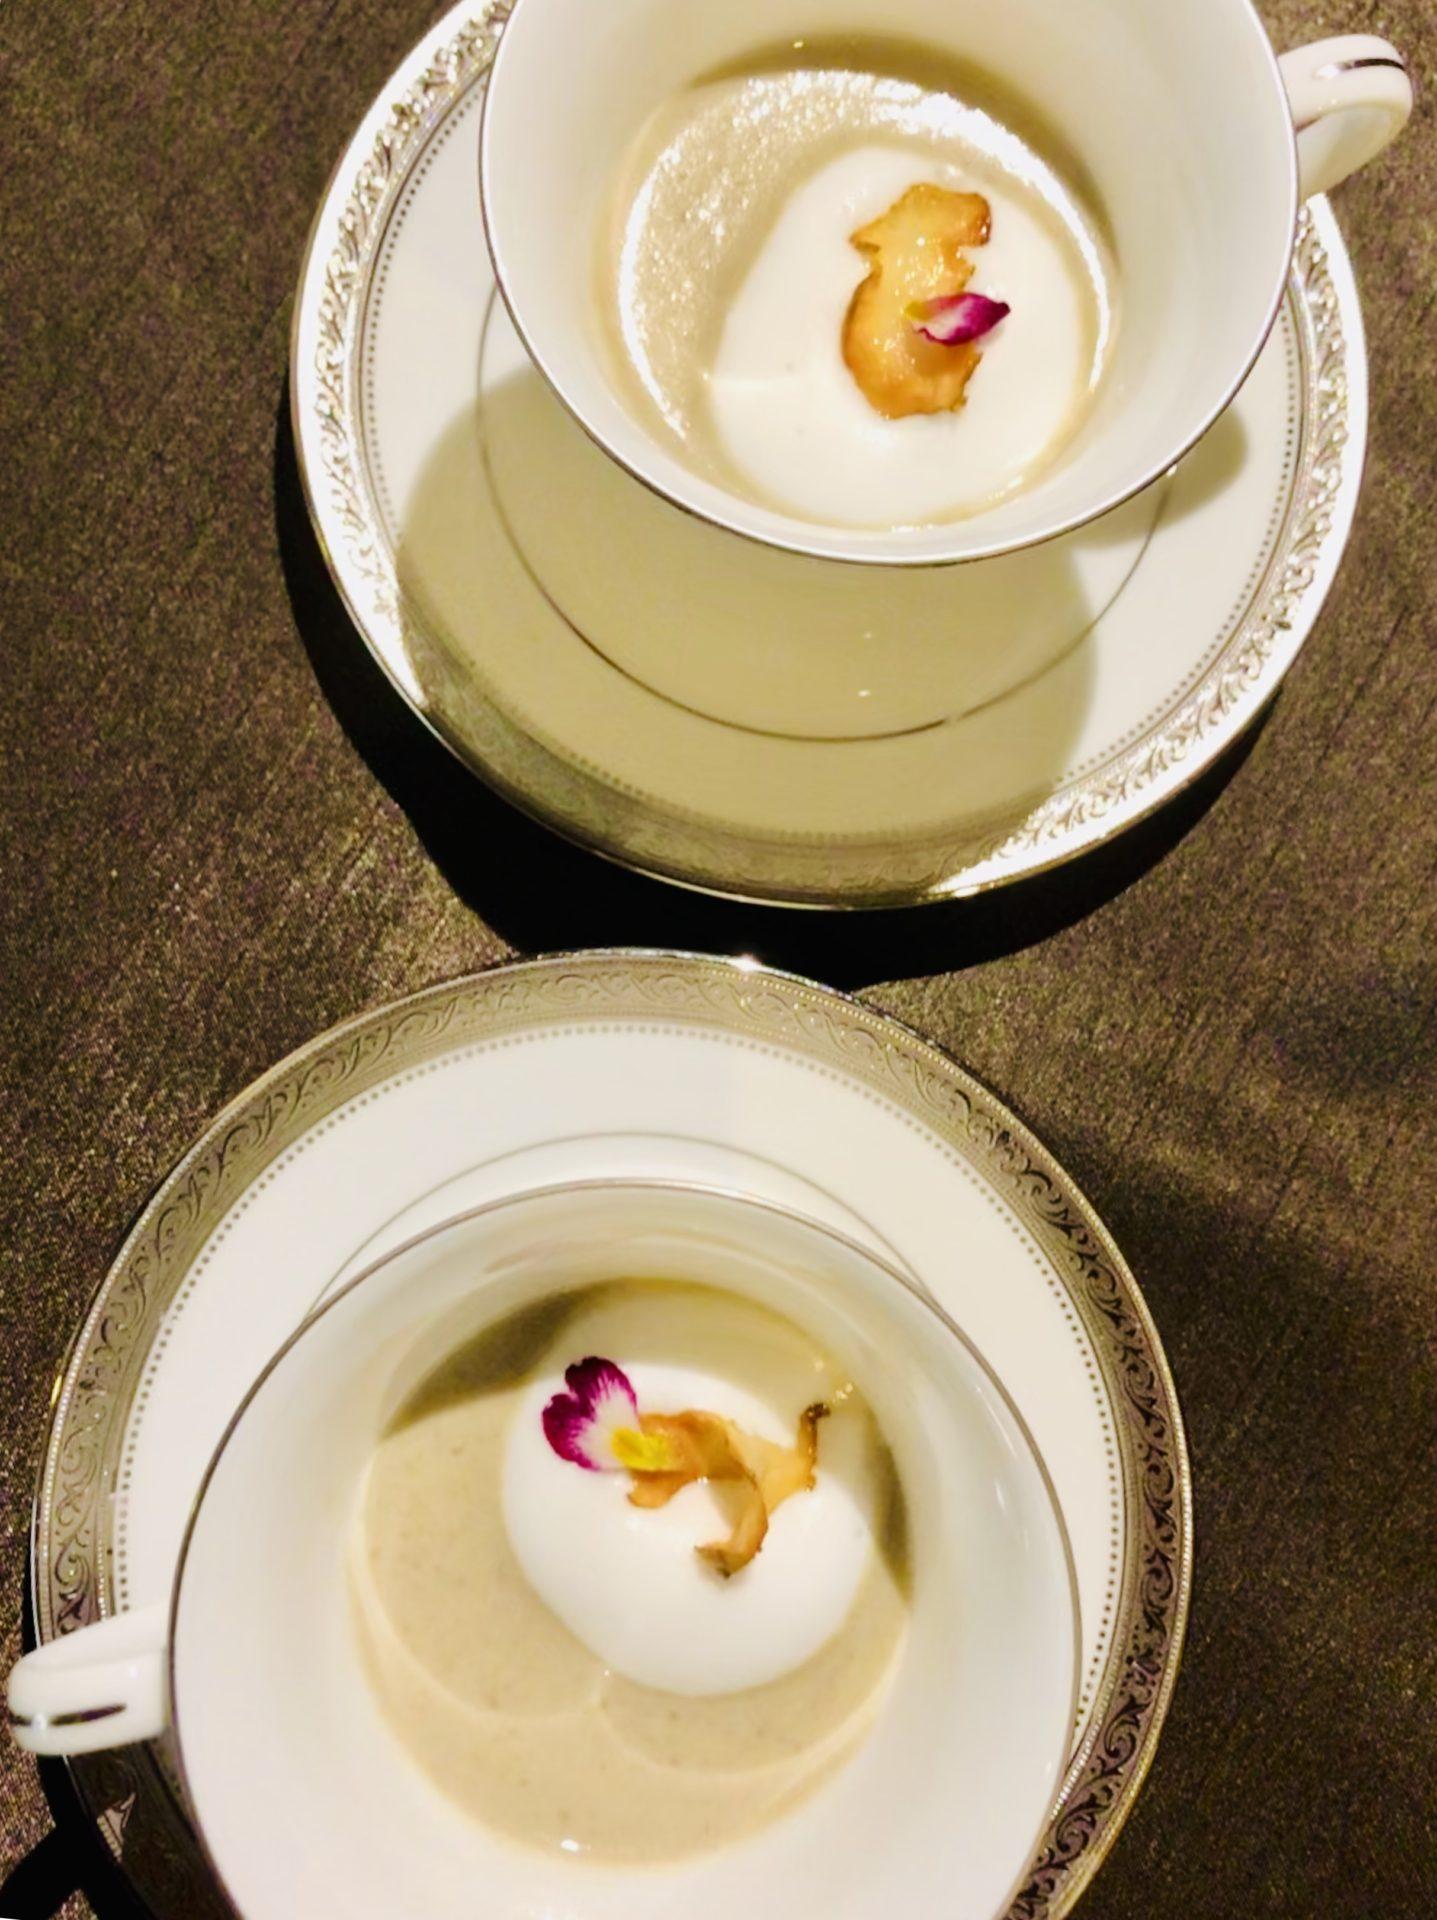 宗像産 菊芋のポタージュ